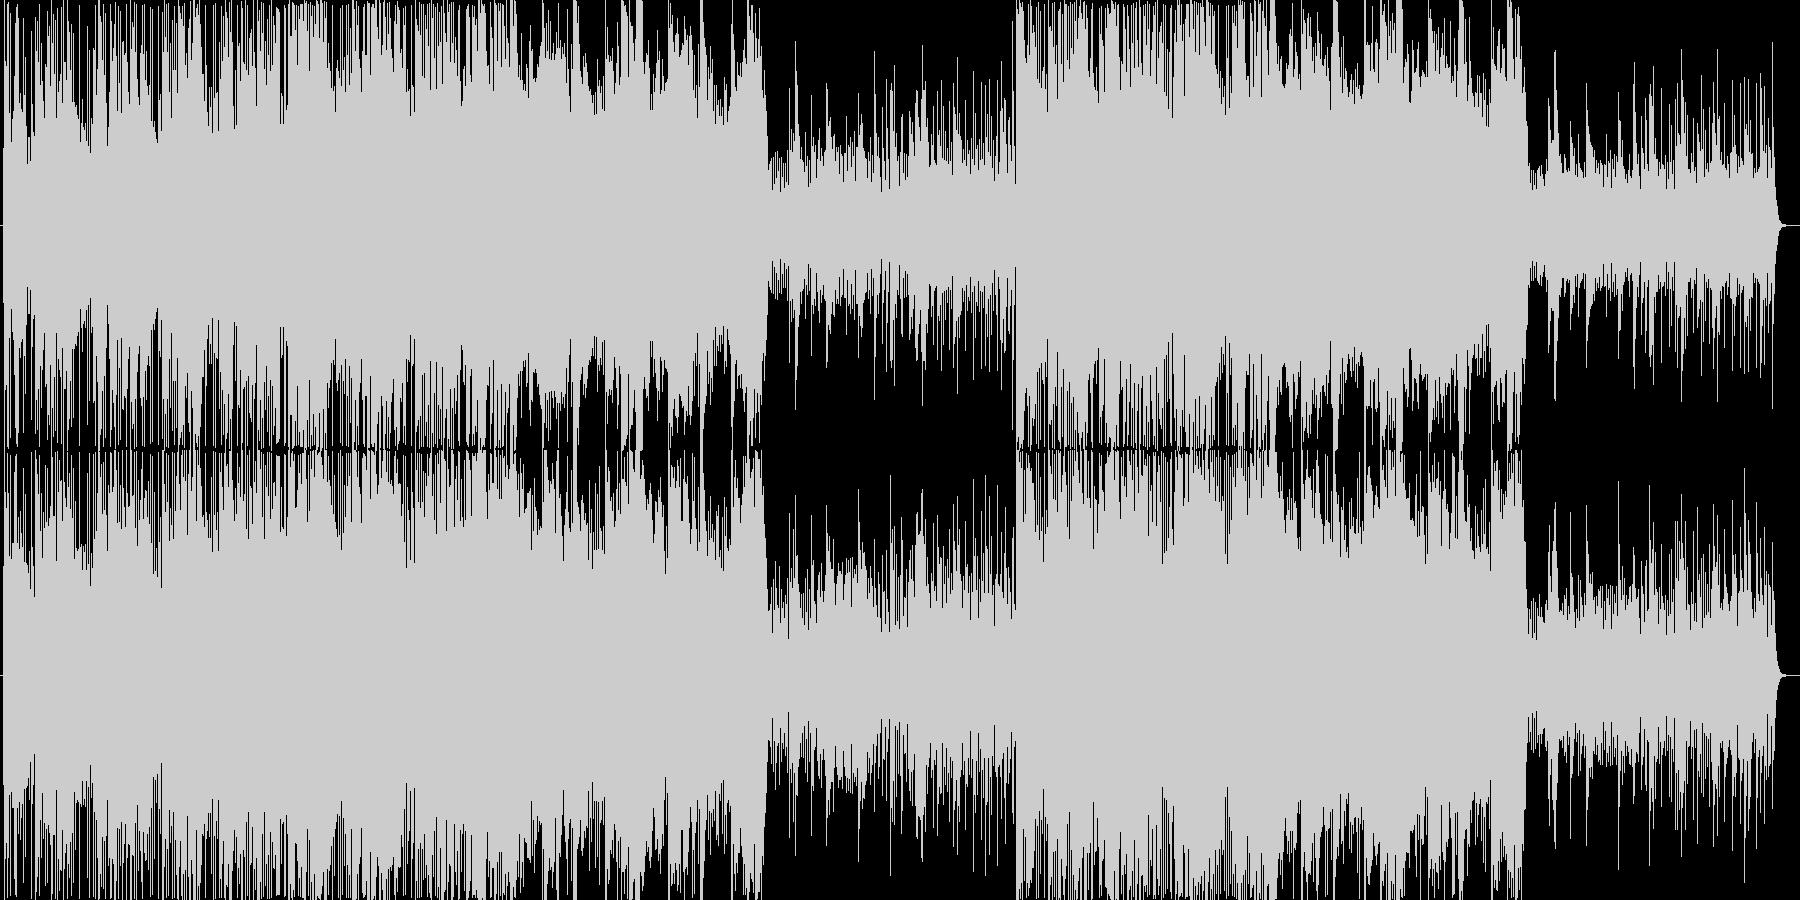 ピチカードとピアノがメインのポップスの未再生の波形